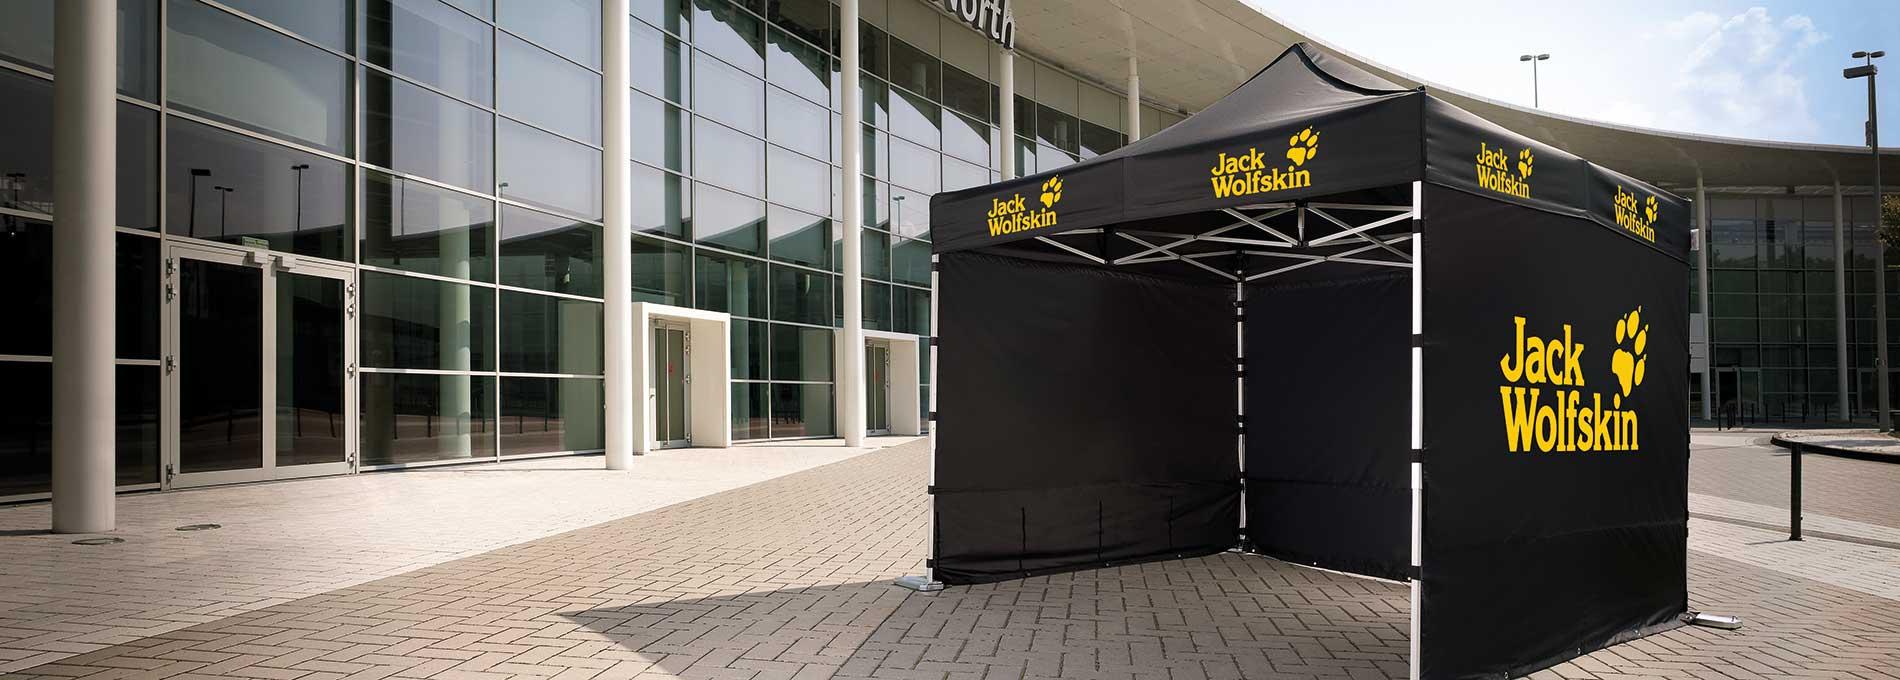 Schwarzer Jack Wolfskin Faltpavillon aus Aluminium - für mehr Komfort im Freien.